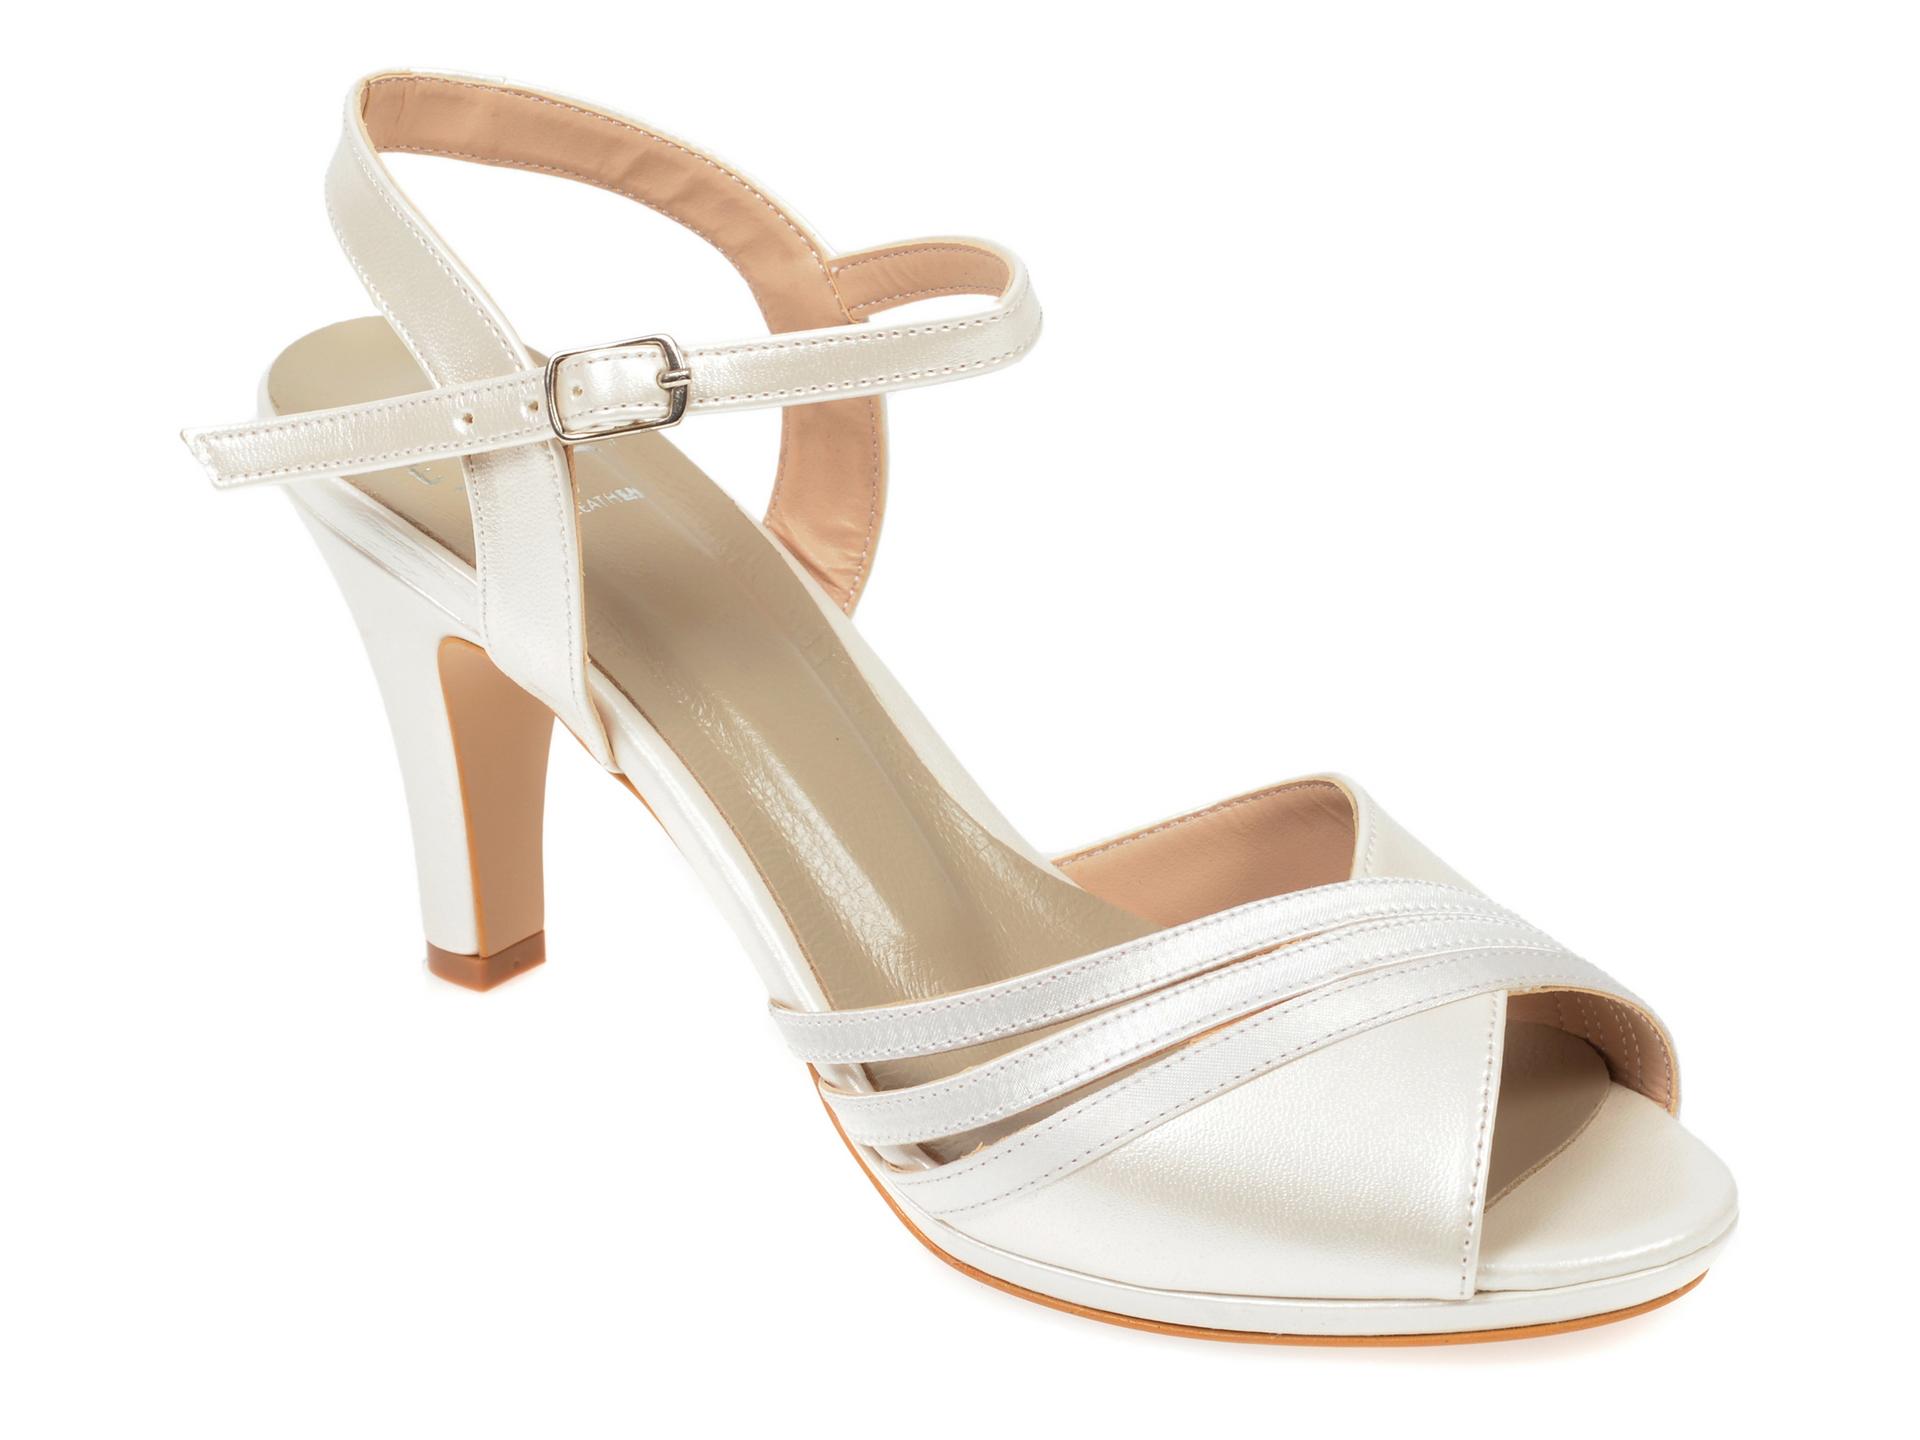 Sandale EPICA albe, 6572202, din piele ecologica